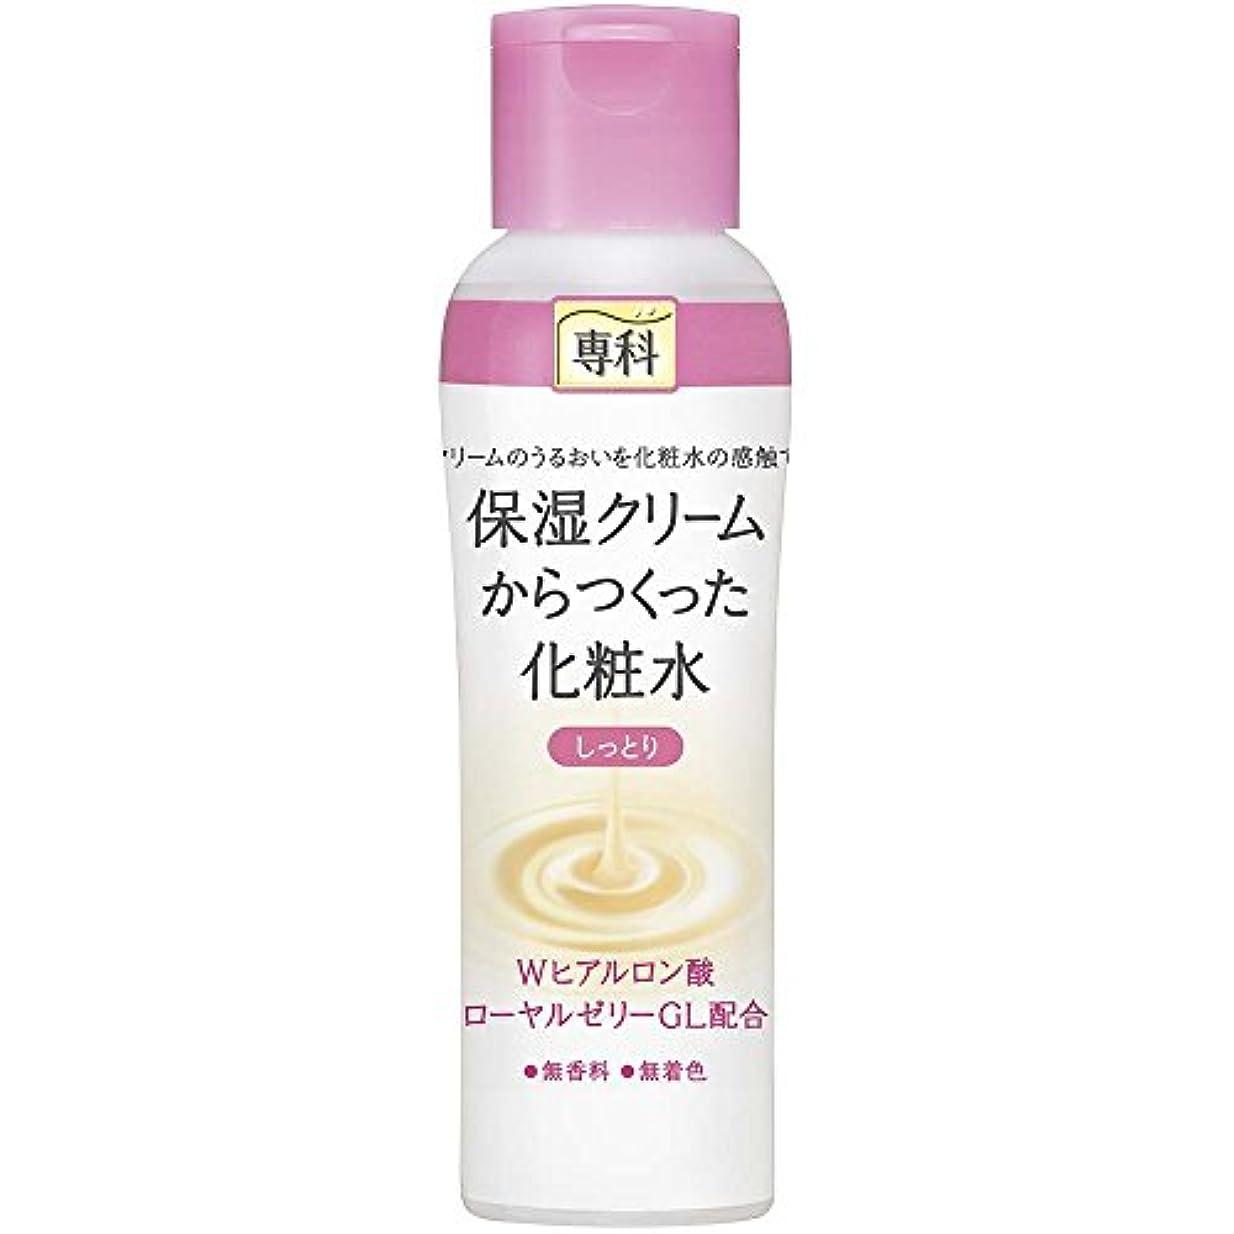 ファセット伝染性のメドレー専科 保湿クリームからつくった化粧水(しっとり) 200ml